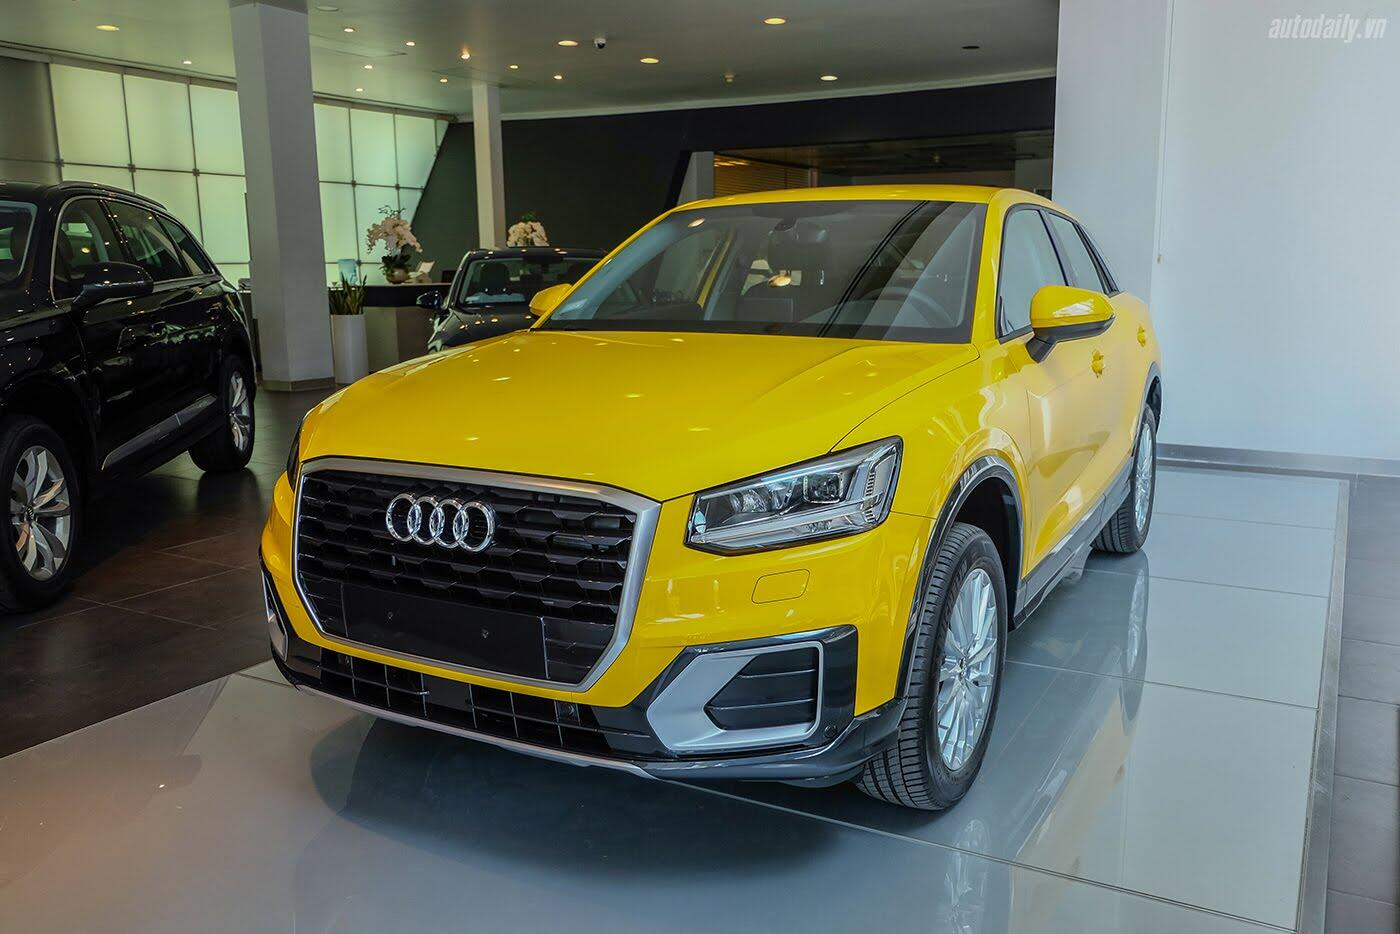 Audi Q2 đã có mặt tại showroom, sẵn sàng bán tới tay người dùng - Hình 1